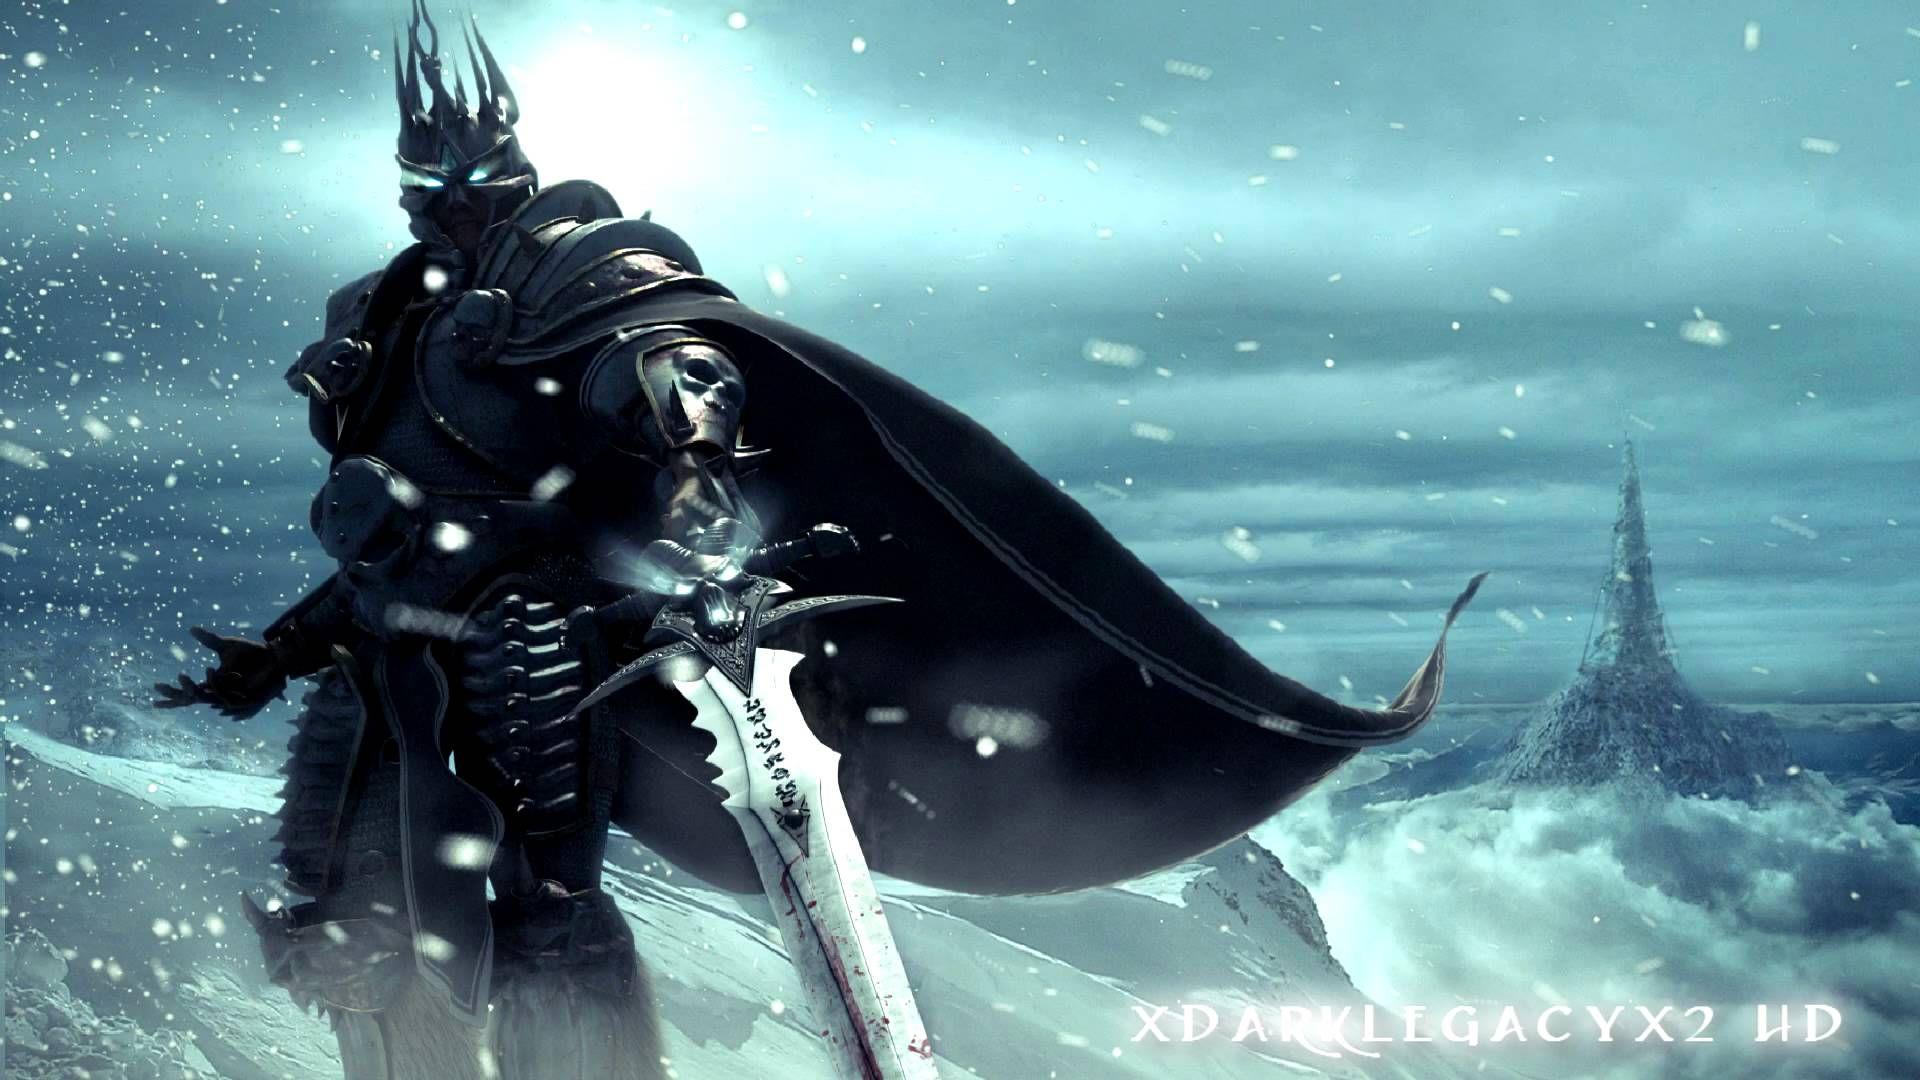 Epic Fantasy Picture Dark Free Download Lich king, World